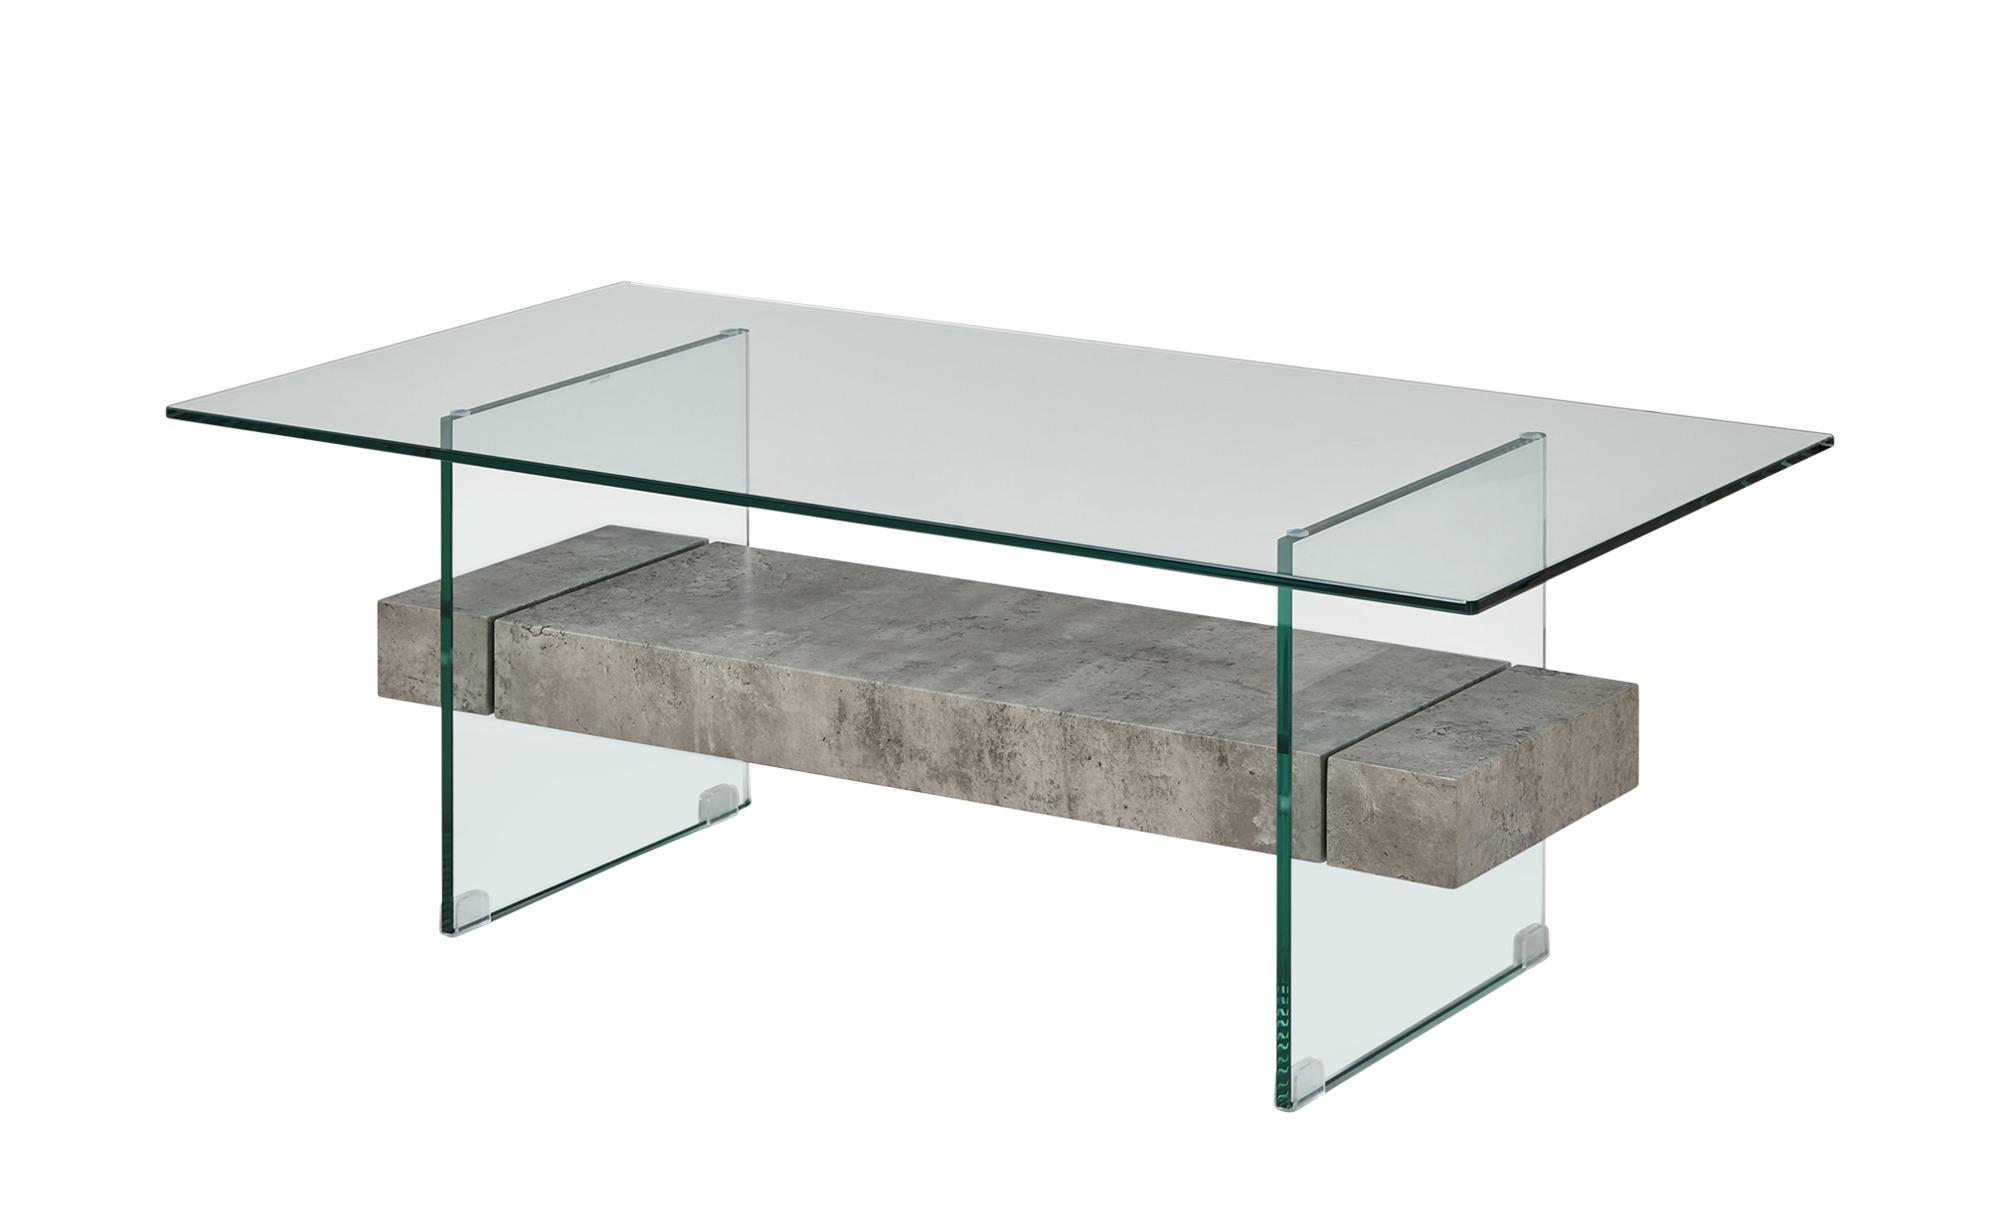 Couchtisch  Loreto ¦ grau ¦ Maße (cm): B: 60 H: 42 Tische > Couchtische > Couchtische rechteckig - Höffner